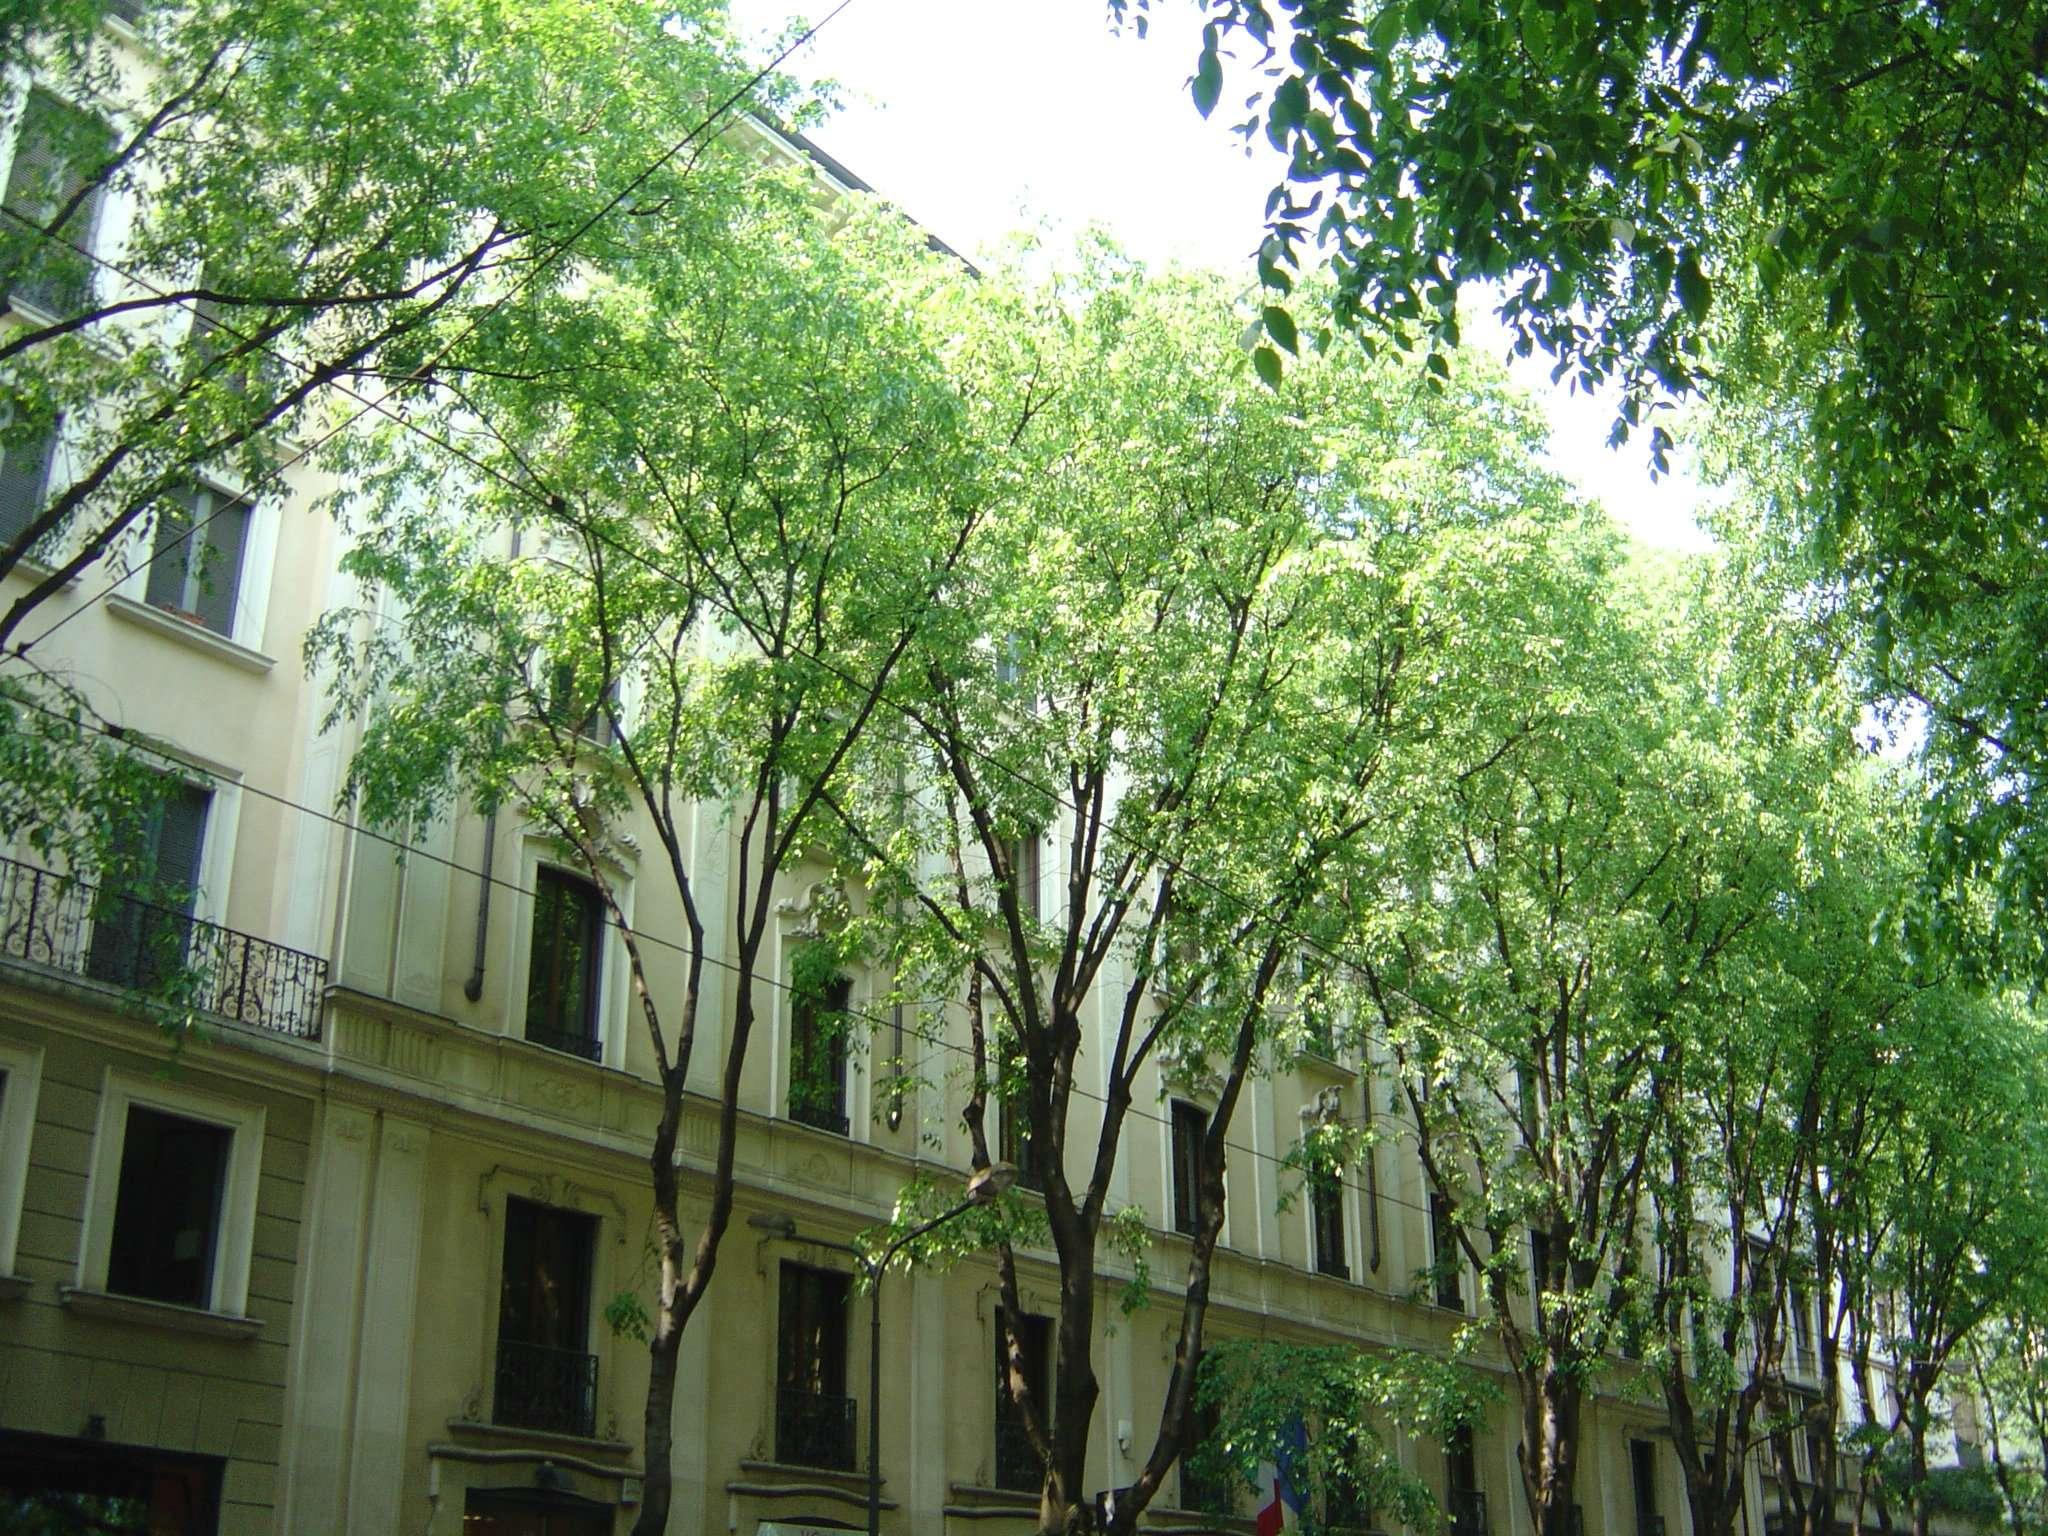 Appartamento in affitto a Milano, 3 locali, zona Zona: 1 . Centro Storico, Duomo, Brera, Cadorna, Cattolica, prezzo € 1.650 | Cambio Casa.it